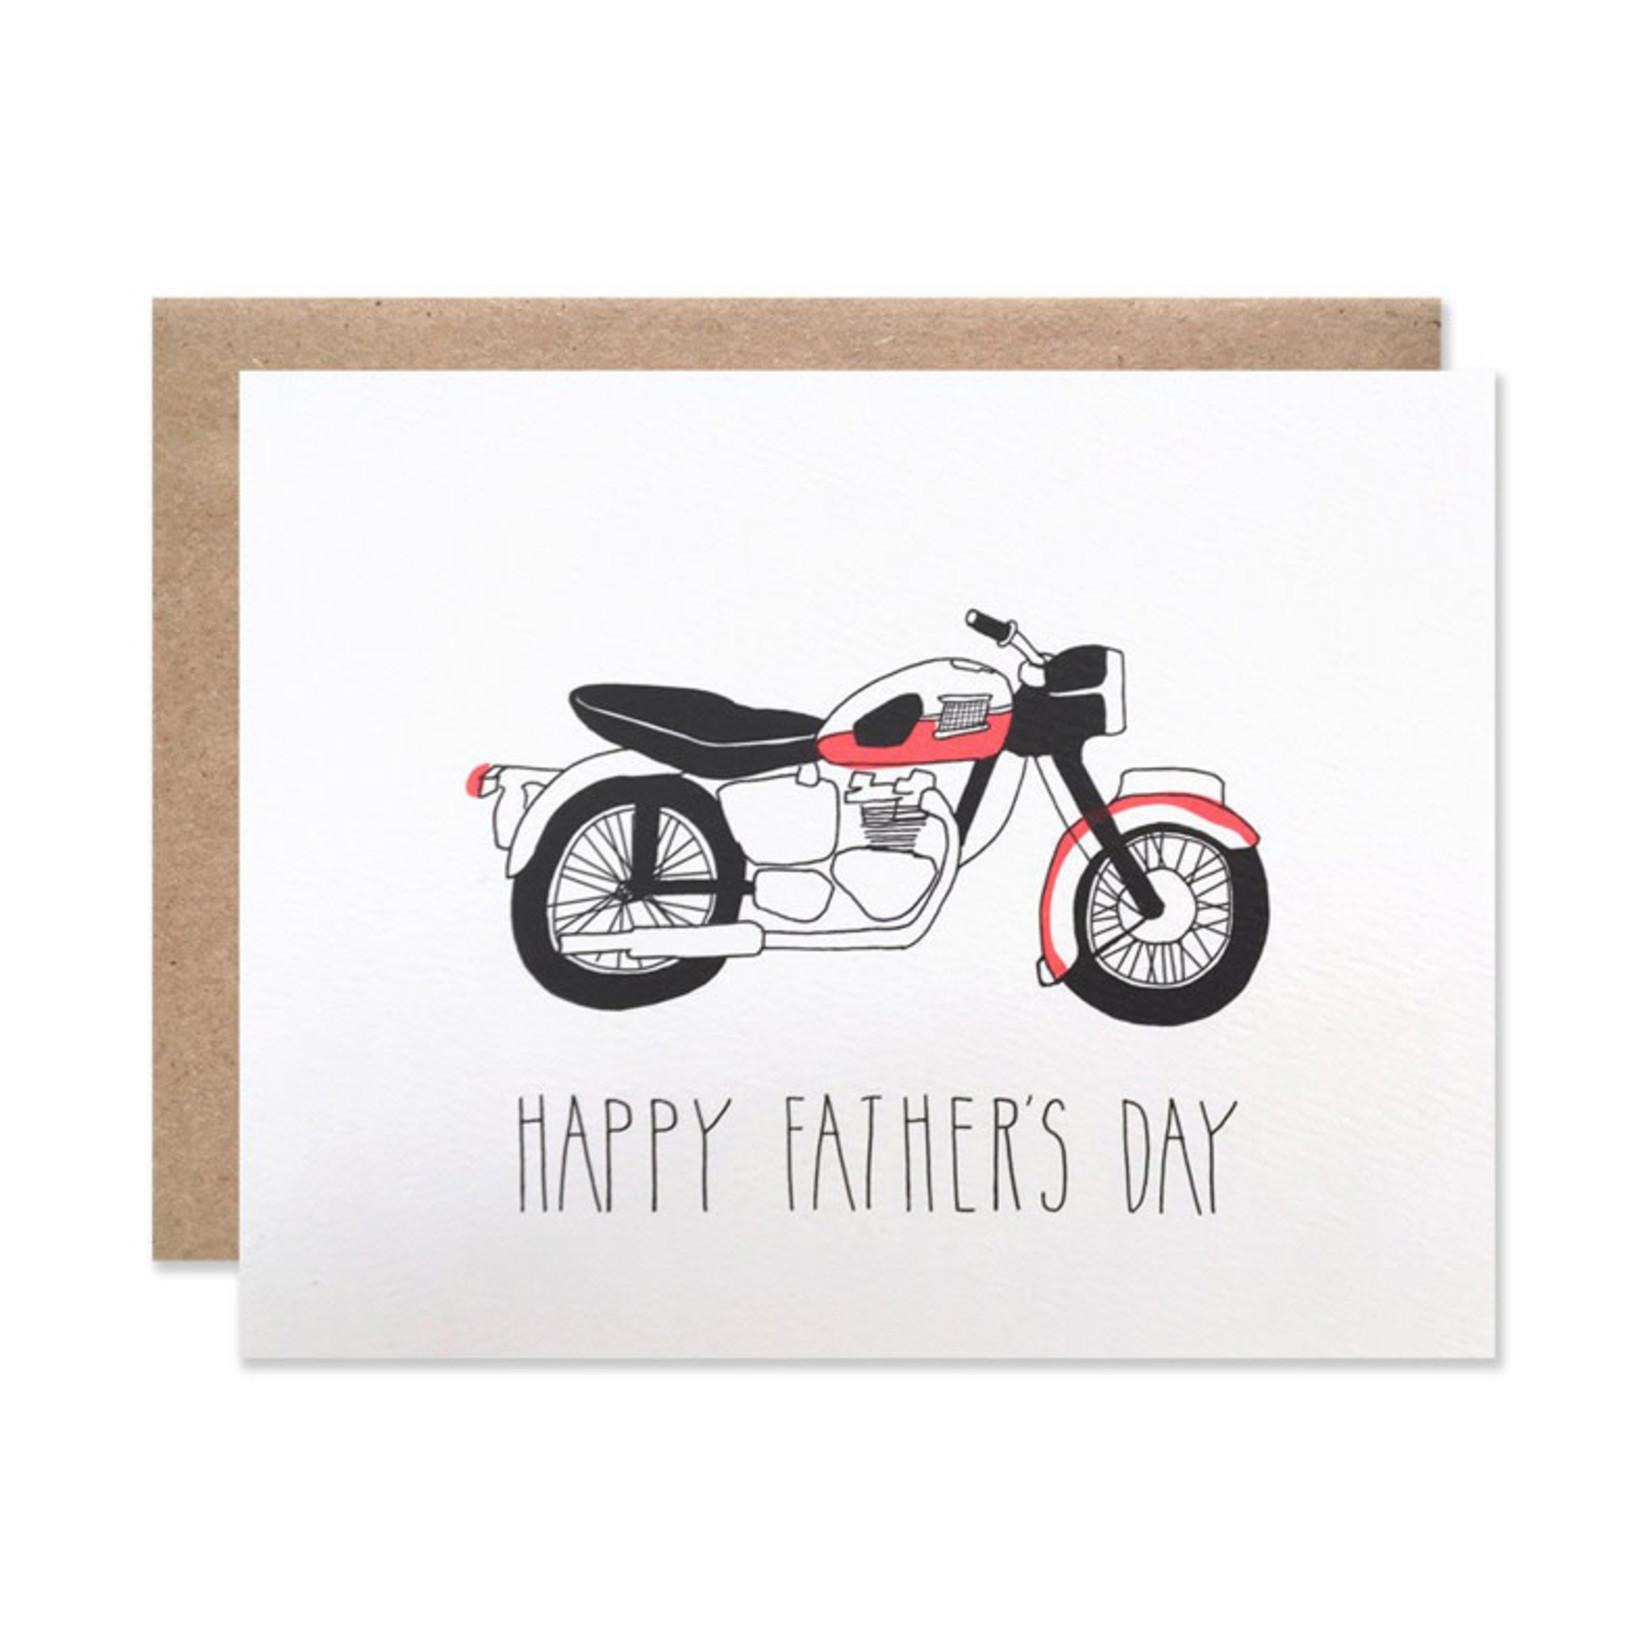 Hartland Brooklyn Hartland Brooklyn Father's Day Moto